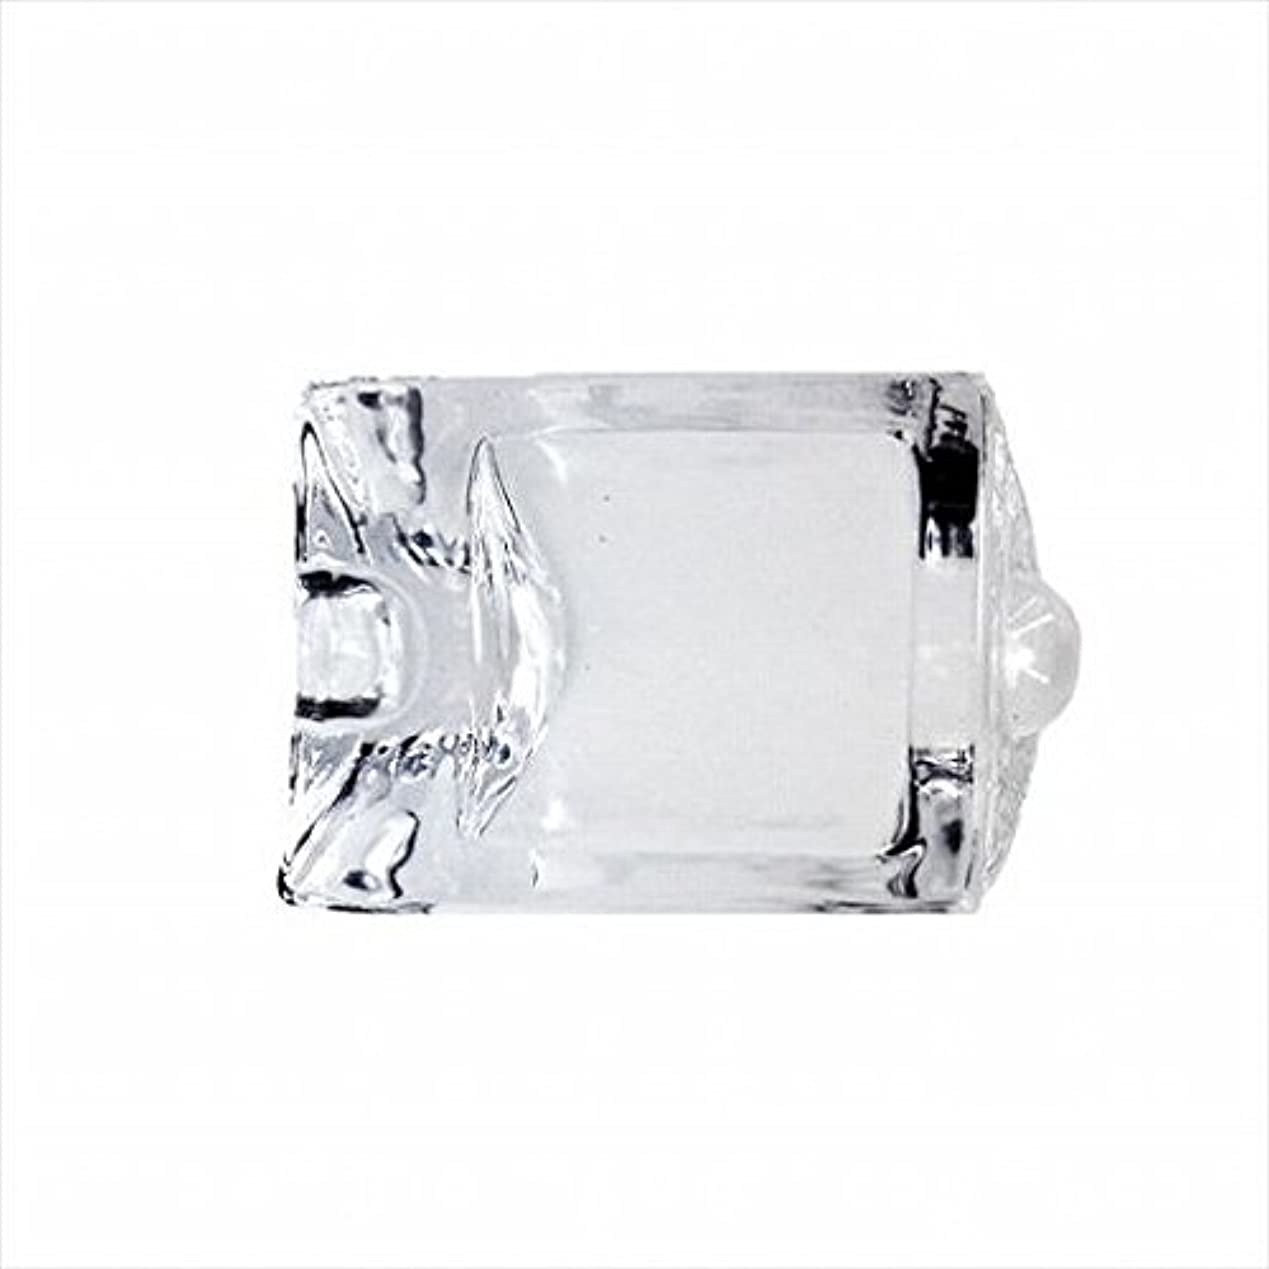 接触ありそうラッシュkameyama candle(カメヤマキャンドル) エンジェルアイジョイント 「 Cホワイト 」 キャンドル 47x28x67mm (I8000104W)